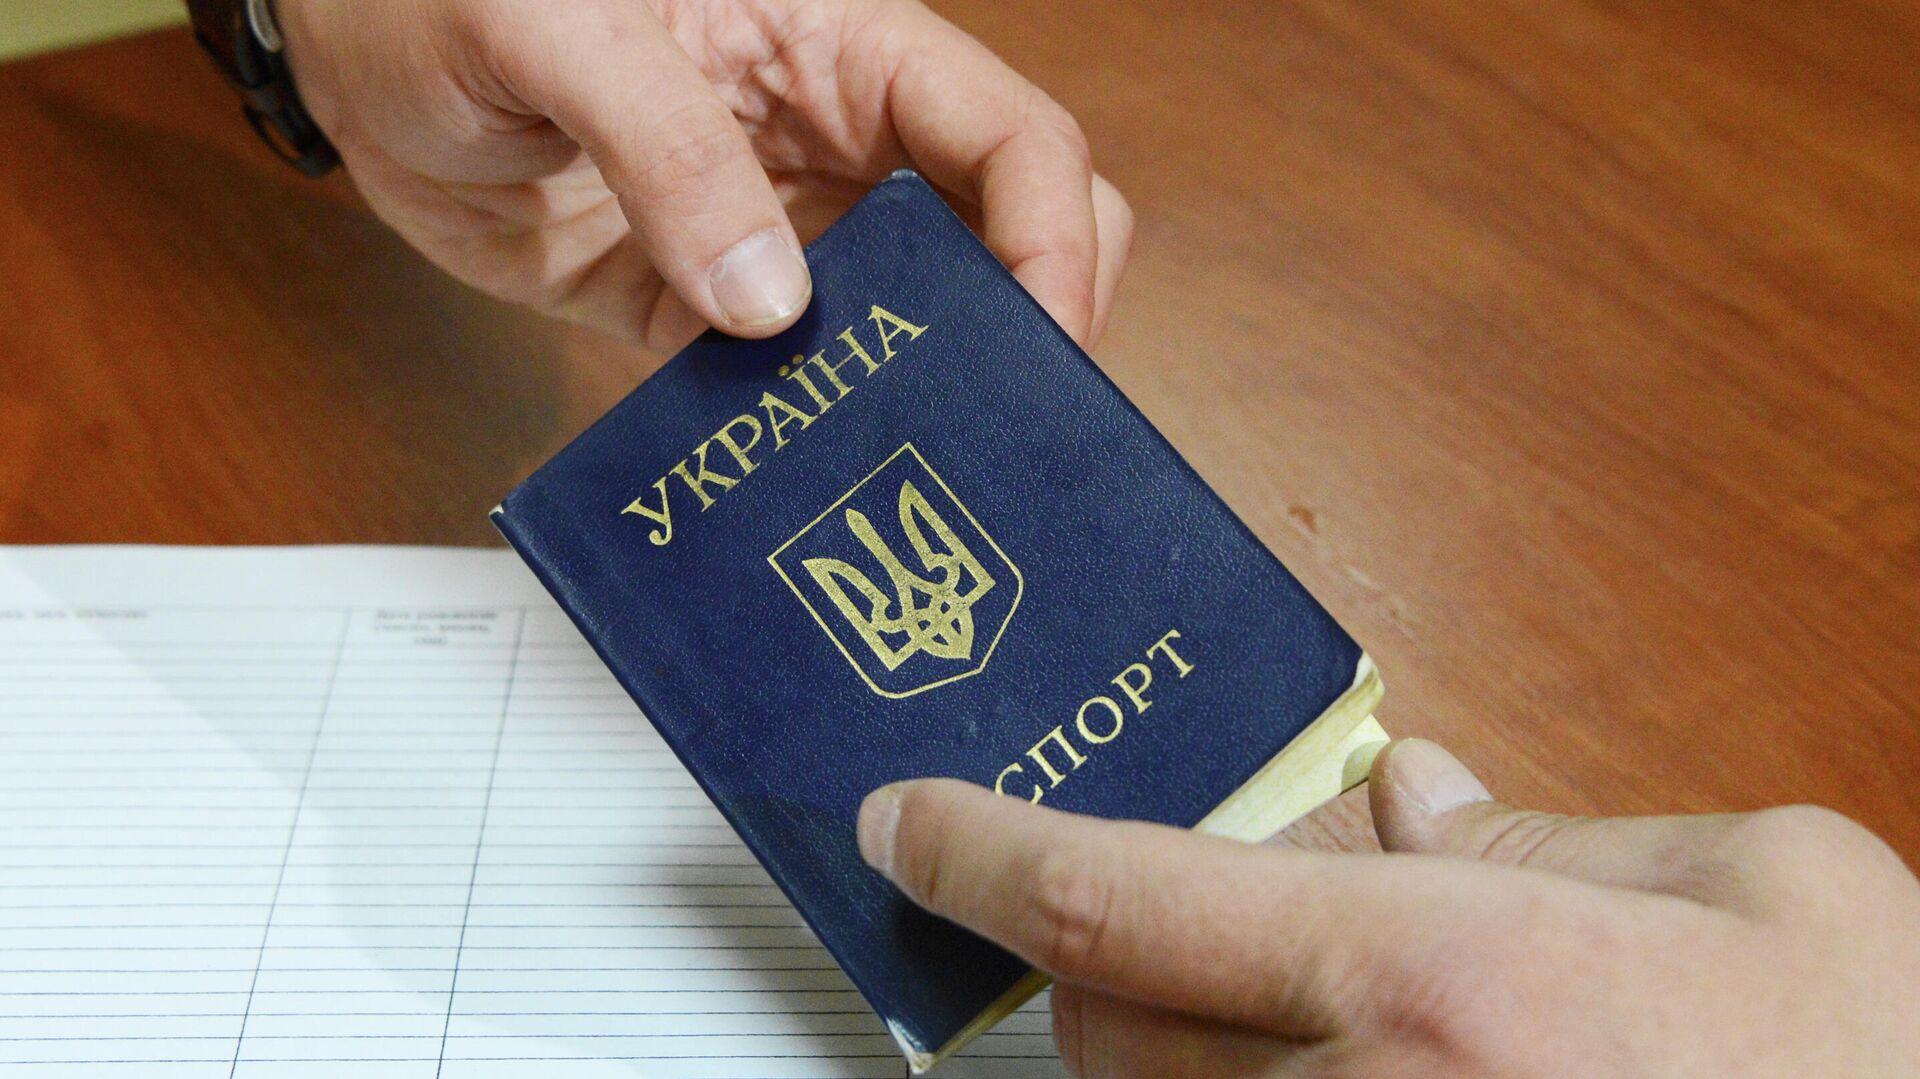 Паспорт гражданина Украины - РИА Новости, 1920, 26.02.2021